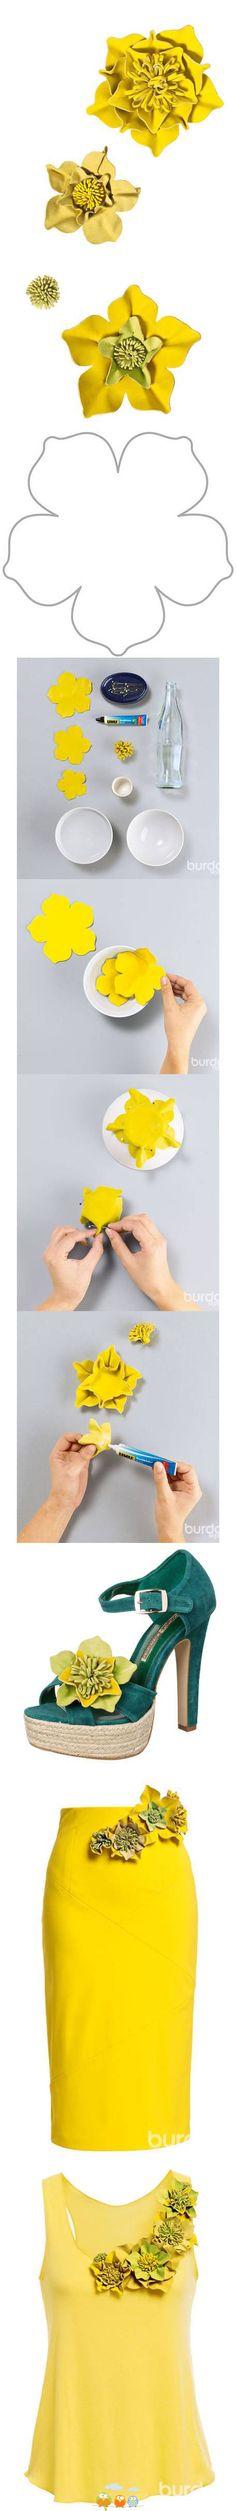 flor cuero